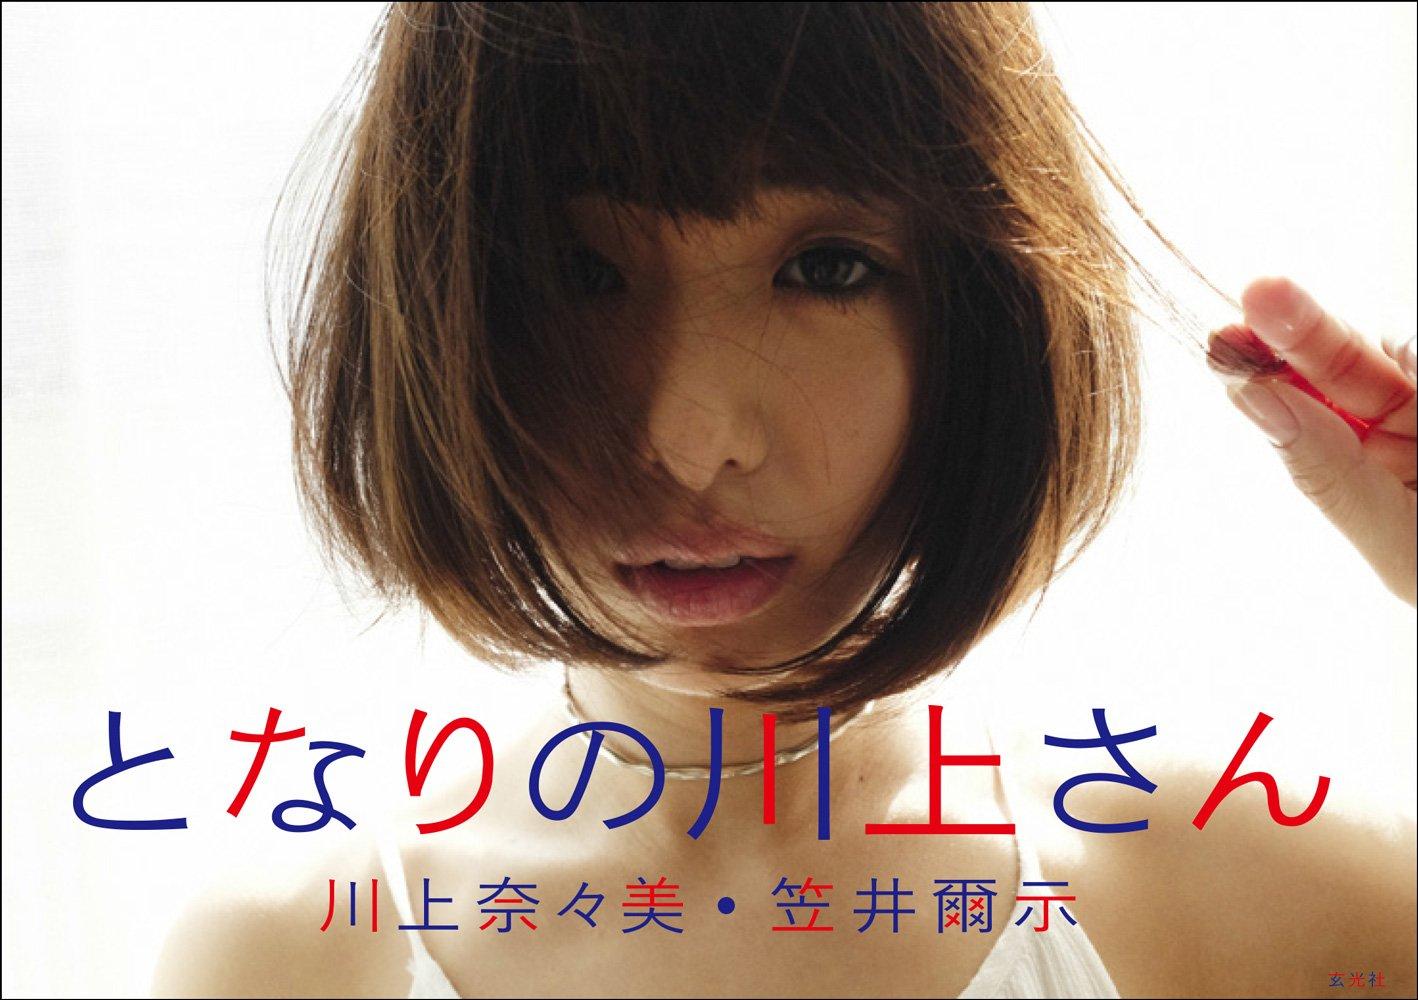 川上奈々美 写真集 『となりの川上さん』 (発売日: 2017/11/30)